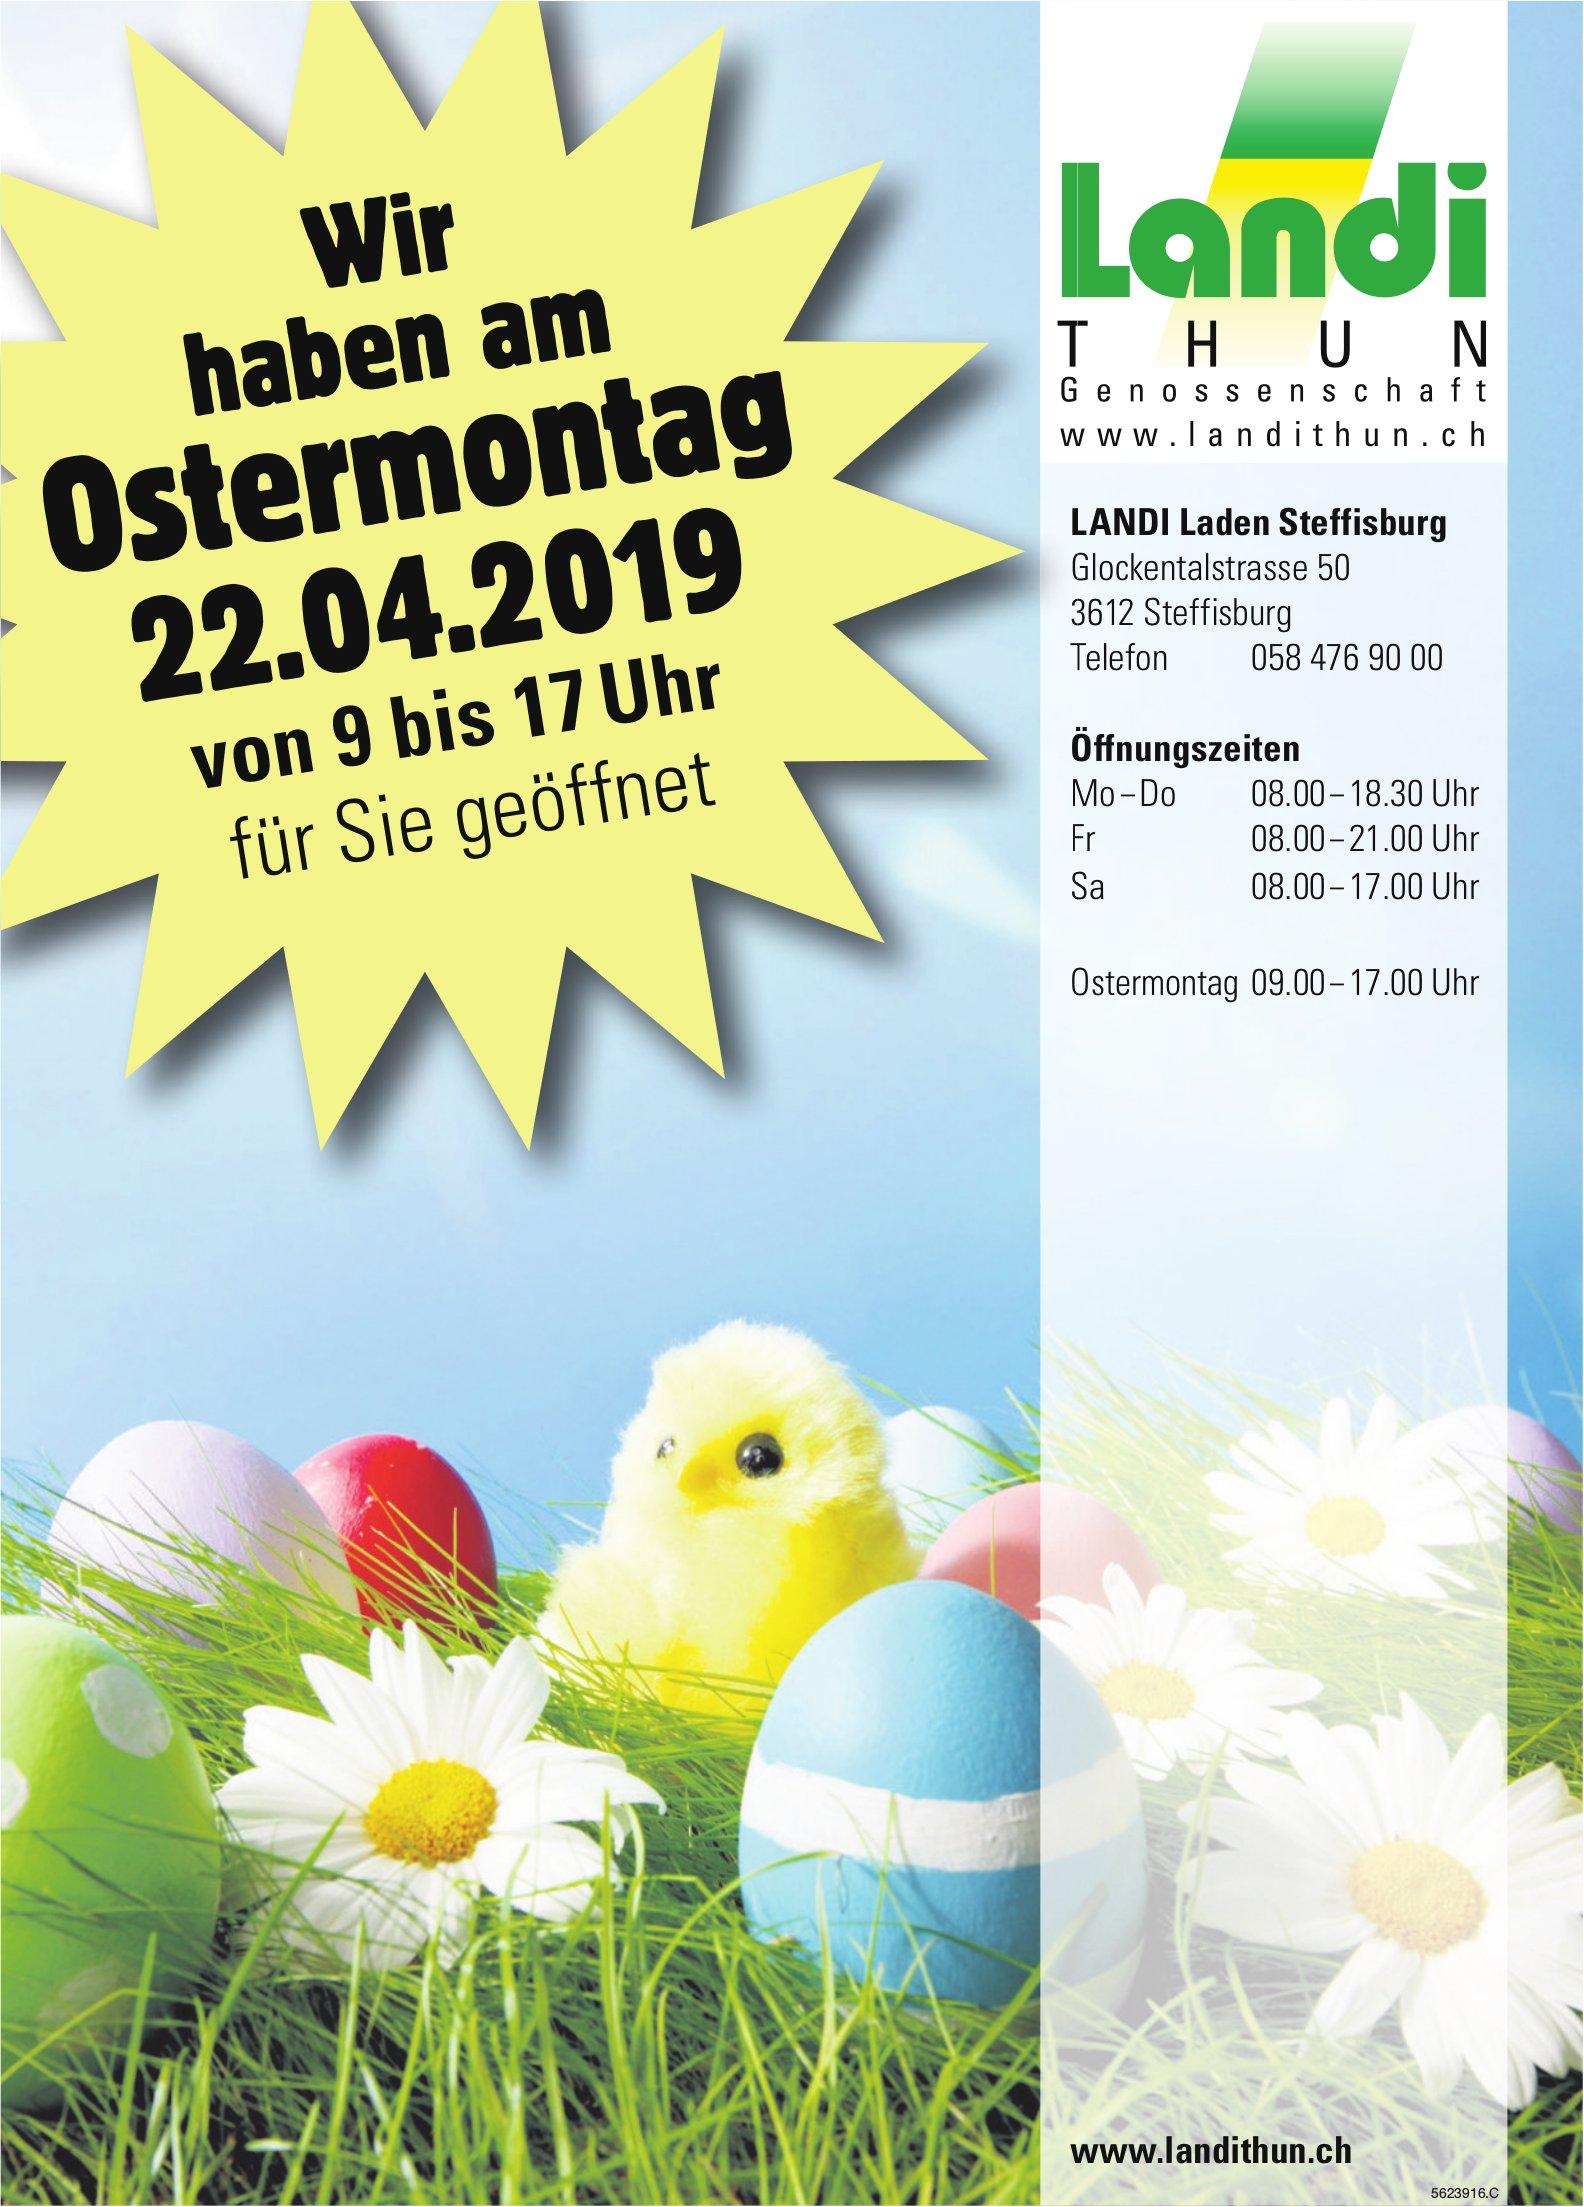 LANDI Laden Steffisburg - Wir haben am Ostermontag, 22. April, geöffnet